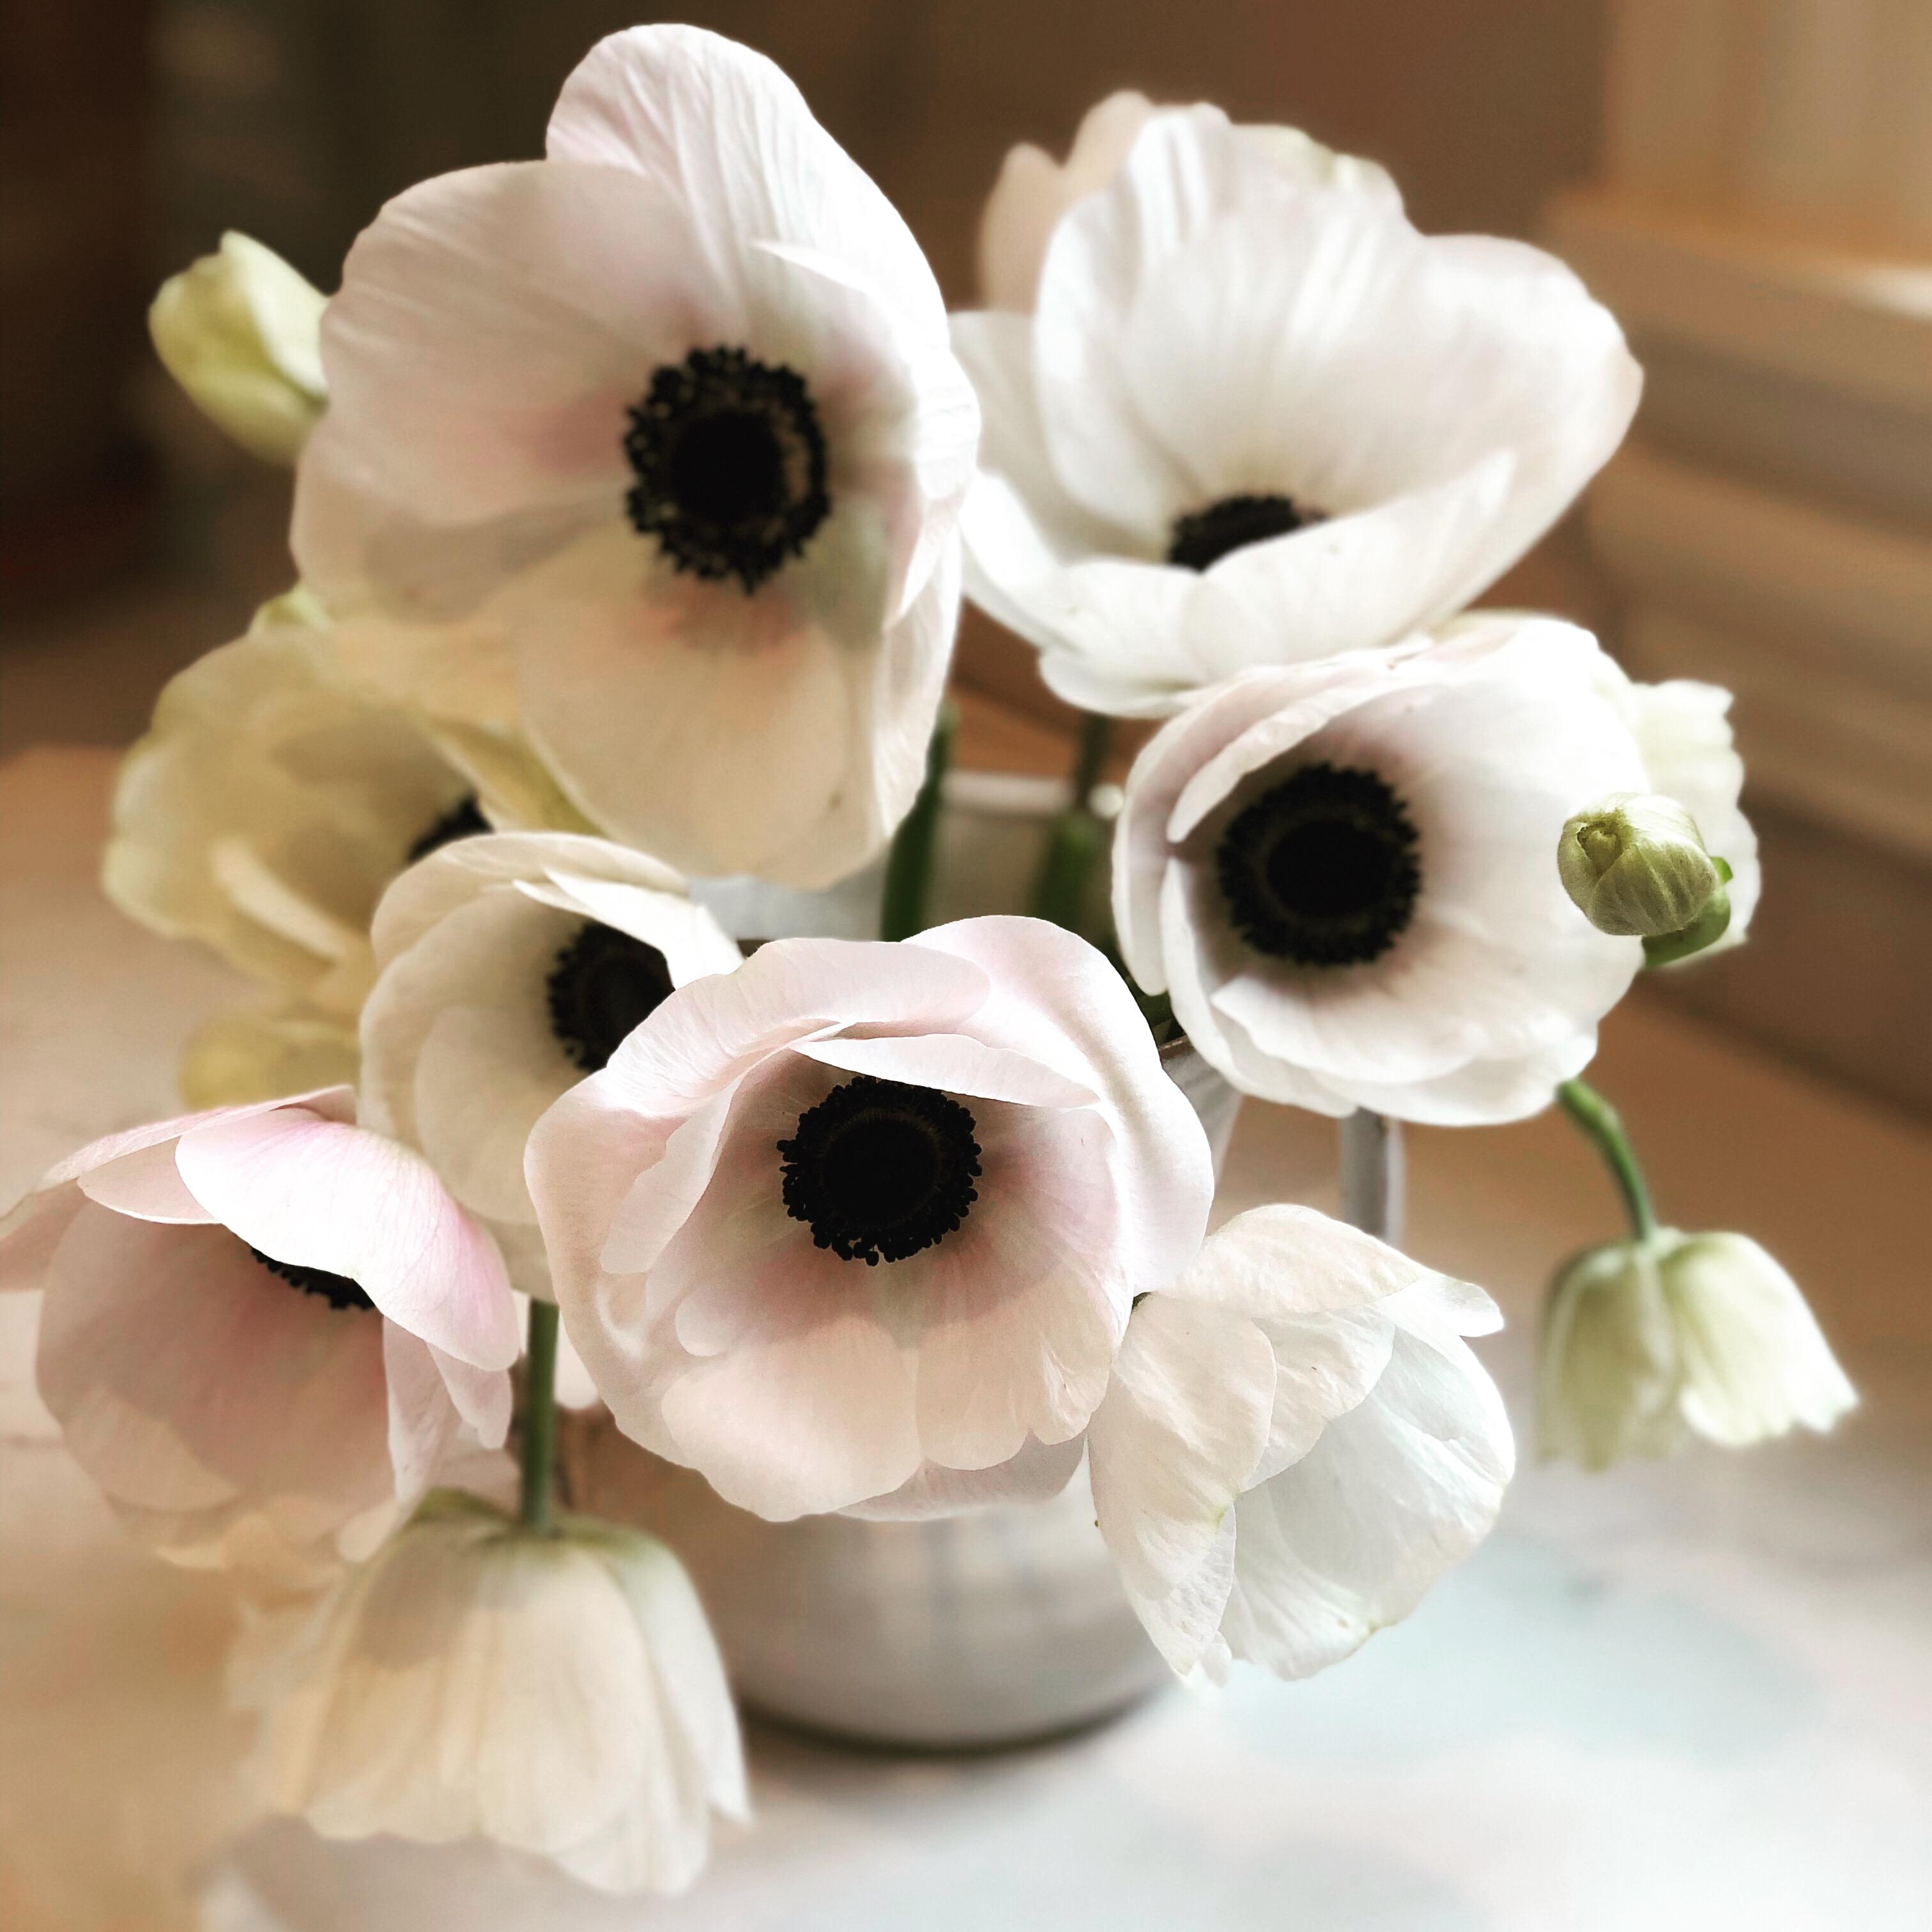 Anenomes in Vase